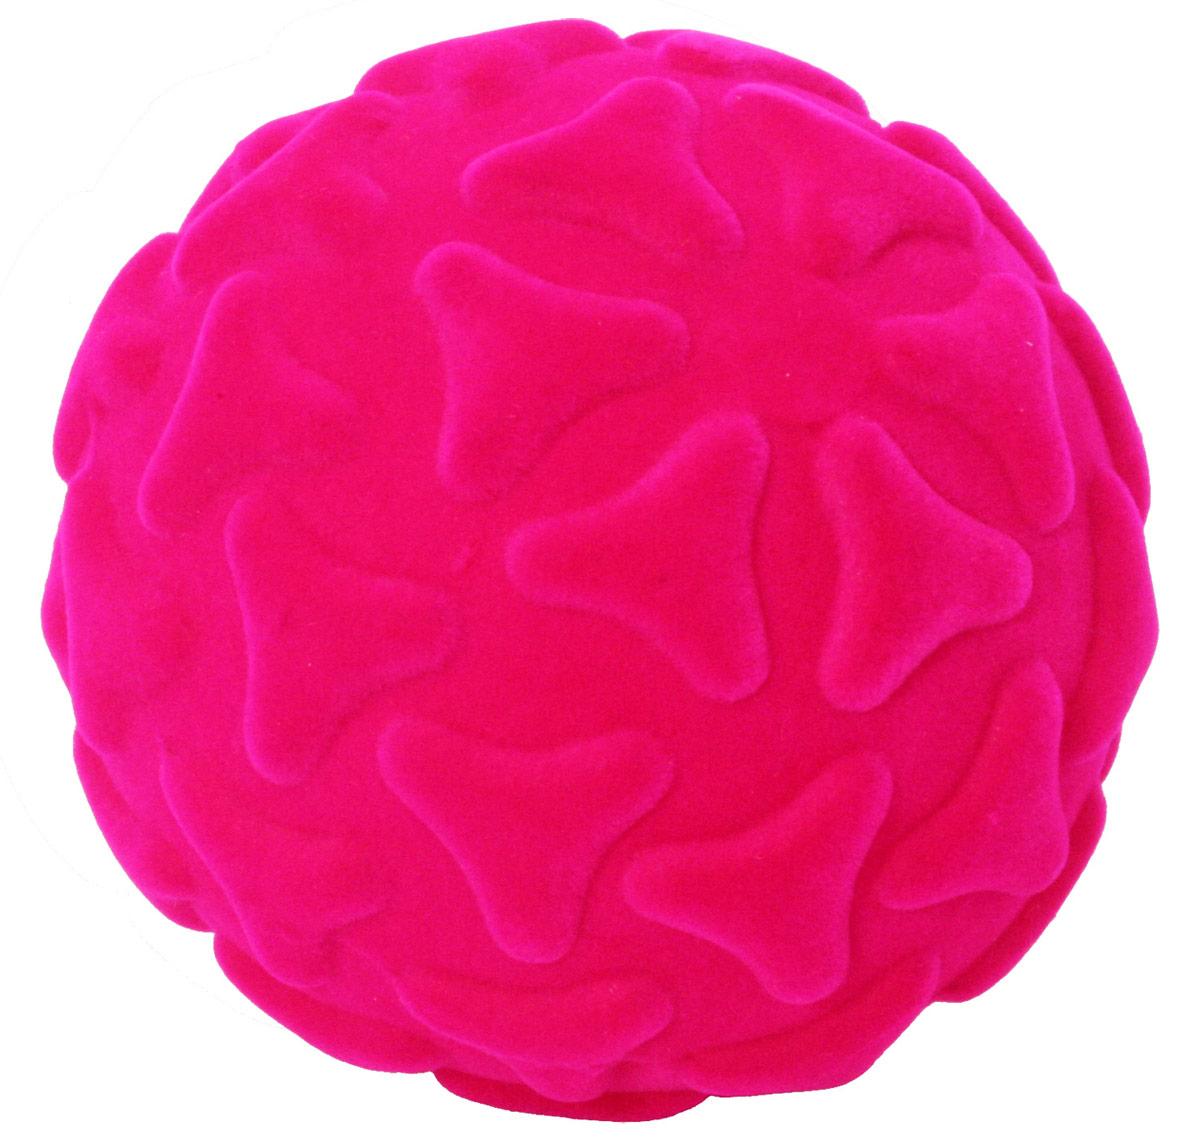 Rubbabu Развивающая игрушка Мяч 20314 6 шт20314Rubba-мяч – это упругие и в то же время мягкие бархатистые игрушки различных цветов и форм.Можно ли с помощью маленького мячика помочь ребенку в развитии мелкой моторики рук, тактильногои зрительного восприятия?– Конечно, если это Rubba-мяч!Rubba-мяч должен быть у каждого ребенка.